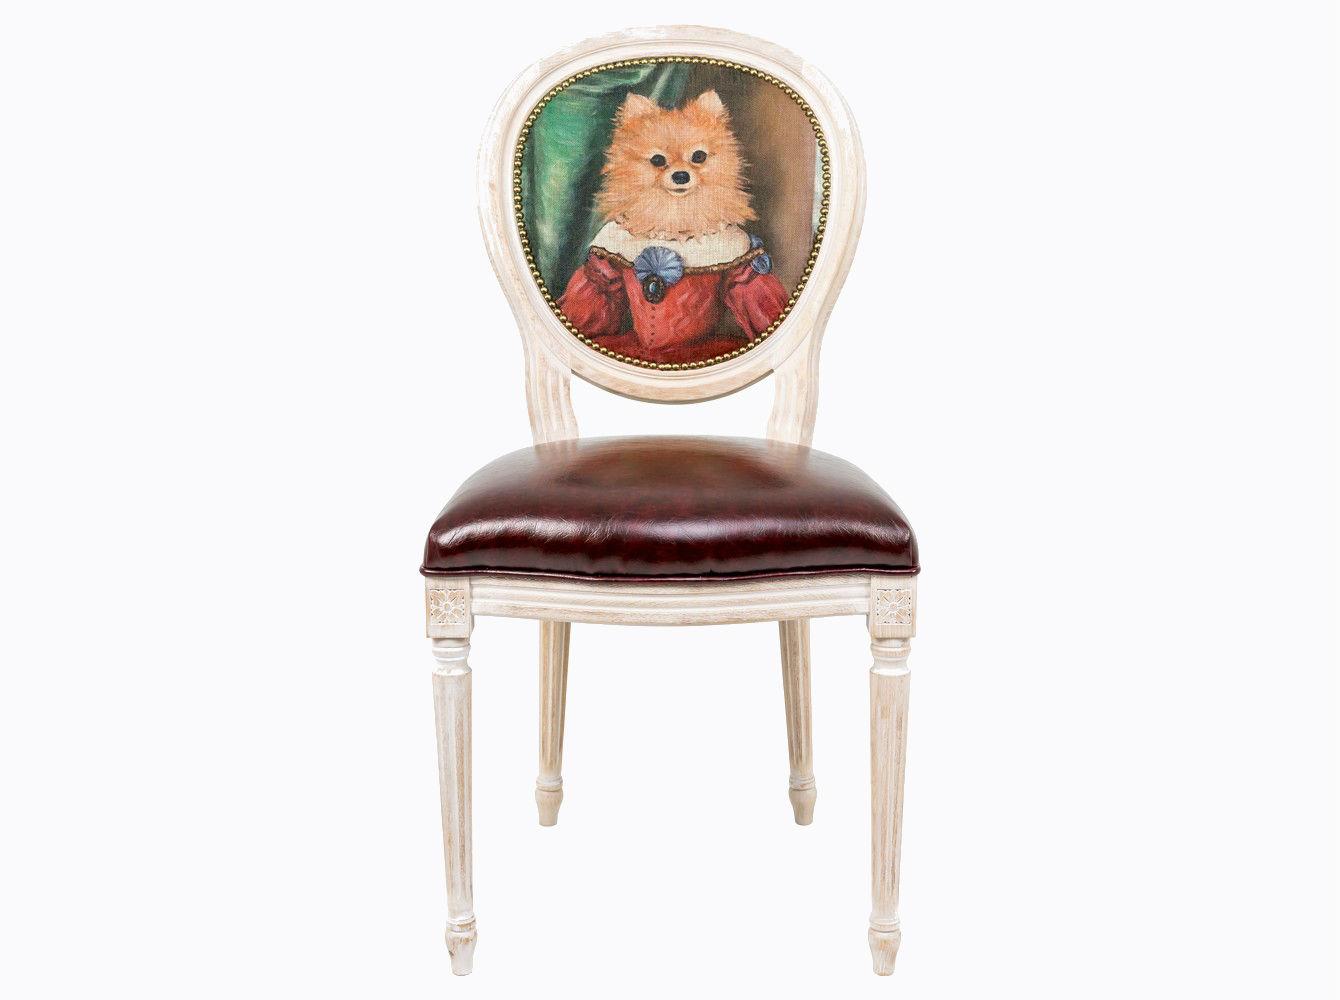 Стул «Музейный экспонат», версия 31Обеденные стулья<br>Стул &amp;quot;Музейный экспонат&amp;quot; - универсальное, но отборное решение гостиной и столовой, каминного зала, холла и кабинета, спальни и детской комнаты. Глянцевое шоколадное сиденье объединилось с шелковистой льняной спинкой, а королевский силуэт эпохи Луи-Филиппа - с рисунком в жанре современного анимализма, подражающего ярким придворным полотнам эпохи Возрождения.  <br>Эклектичный дизайн обещает соседство с большинством классических и авангардных стилей.<br>Корпус стула изготовлен из натурального бука. В угоду моде &amp;quot;шебби-шик&amp;quot;, благородная фактура натурального дерева подчеркнута рукописной патиной. Штрихи старины обладают специфическим обаянием и теплом. В дизайне &amp;quot;Музейный экспонат&amp;quot; резьба играет ведущую роль: стул украшен вычурными желобками и цветочными узорами, выточенными с ювелирной меткостью. Комфортабельность, прочность и долговечность сиденья обеспечены подвеской из эластичных ремней. <br>Обивка спинки оснащена тефлоновым покрытием против пятен.&amp;lt;div&amp;gt;&amp;lt;br&amp;gt;&amp;lt;/div&amp;gt;&amp;lt;div&amp;gt;Каркас - натуральное дерево бука, обивка сиденья и оборотной стороны спинки - эко-кожа, обивка спинки: 29% лен, 9 % хлопок, 72% полиэстер&amp;lt;br&amp;gt;&amp;lt;/div&amp;gt;<br><br>Material: Дерево<br>Width см: 55<br>Depth см: 50<br>Height см: 95